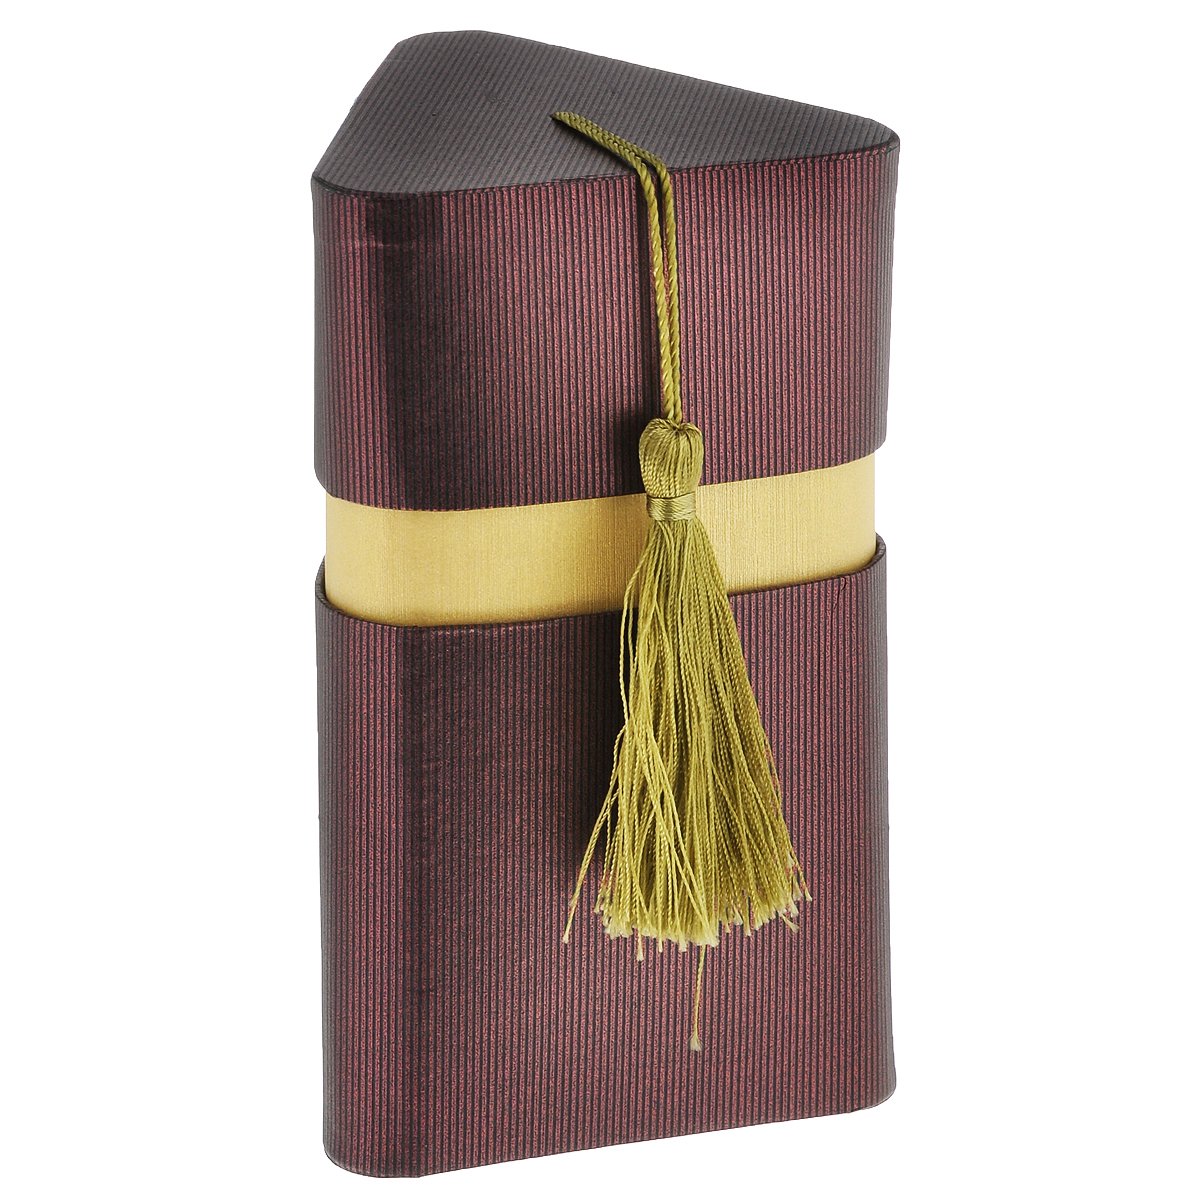 Коробка подарочная Три грани, 10 х 9 х 16 см55052Подарочная коробка Три грани изготовлена из плотного картона, изделие имеет необычную форму, крышка декорирована текстильной кисточкой. Прекрасно подходит в качестве подарочной упаковки для мелких предметов. Красивый дизайн привлекает внимание, кроме того, он универсальный, поэтому коробка подойдет в качестве подарочной упаковки как для женщин, так и для мужчин. Подарок, преподнесенный в оригинальной упаковке, всегда будет самым эффектным и запоминающимся. Окружите близких людей вниманием и заботой, вручив презент в нарядном, праздничном оформлении.